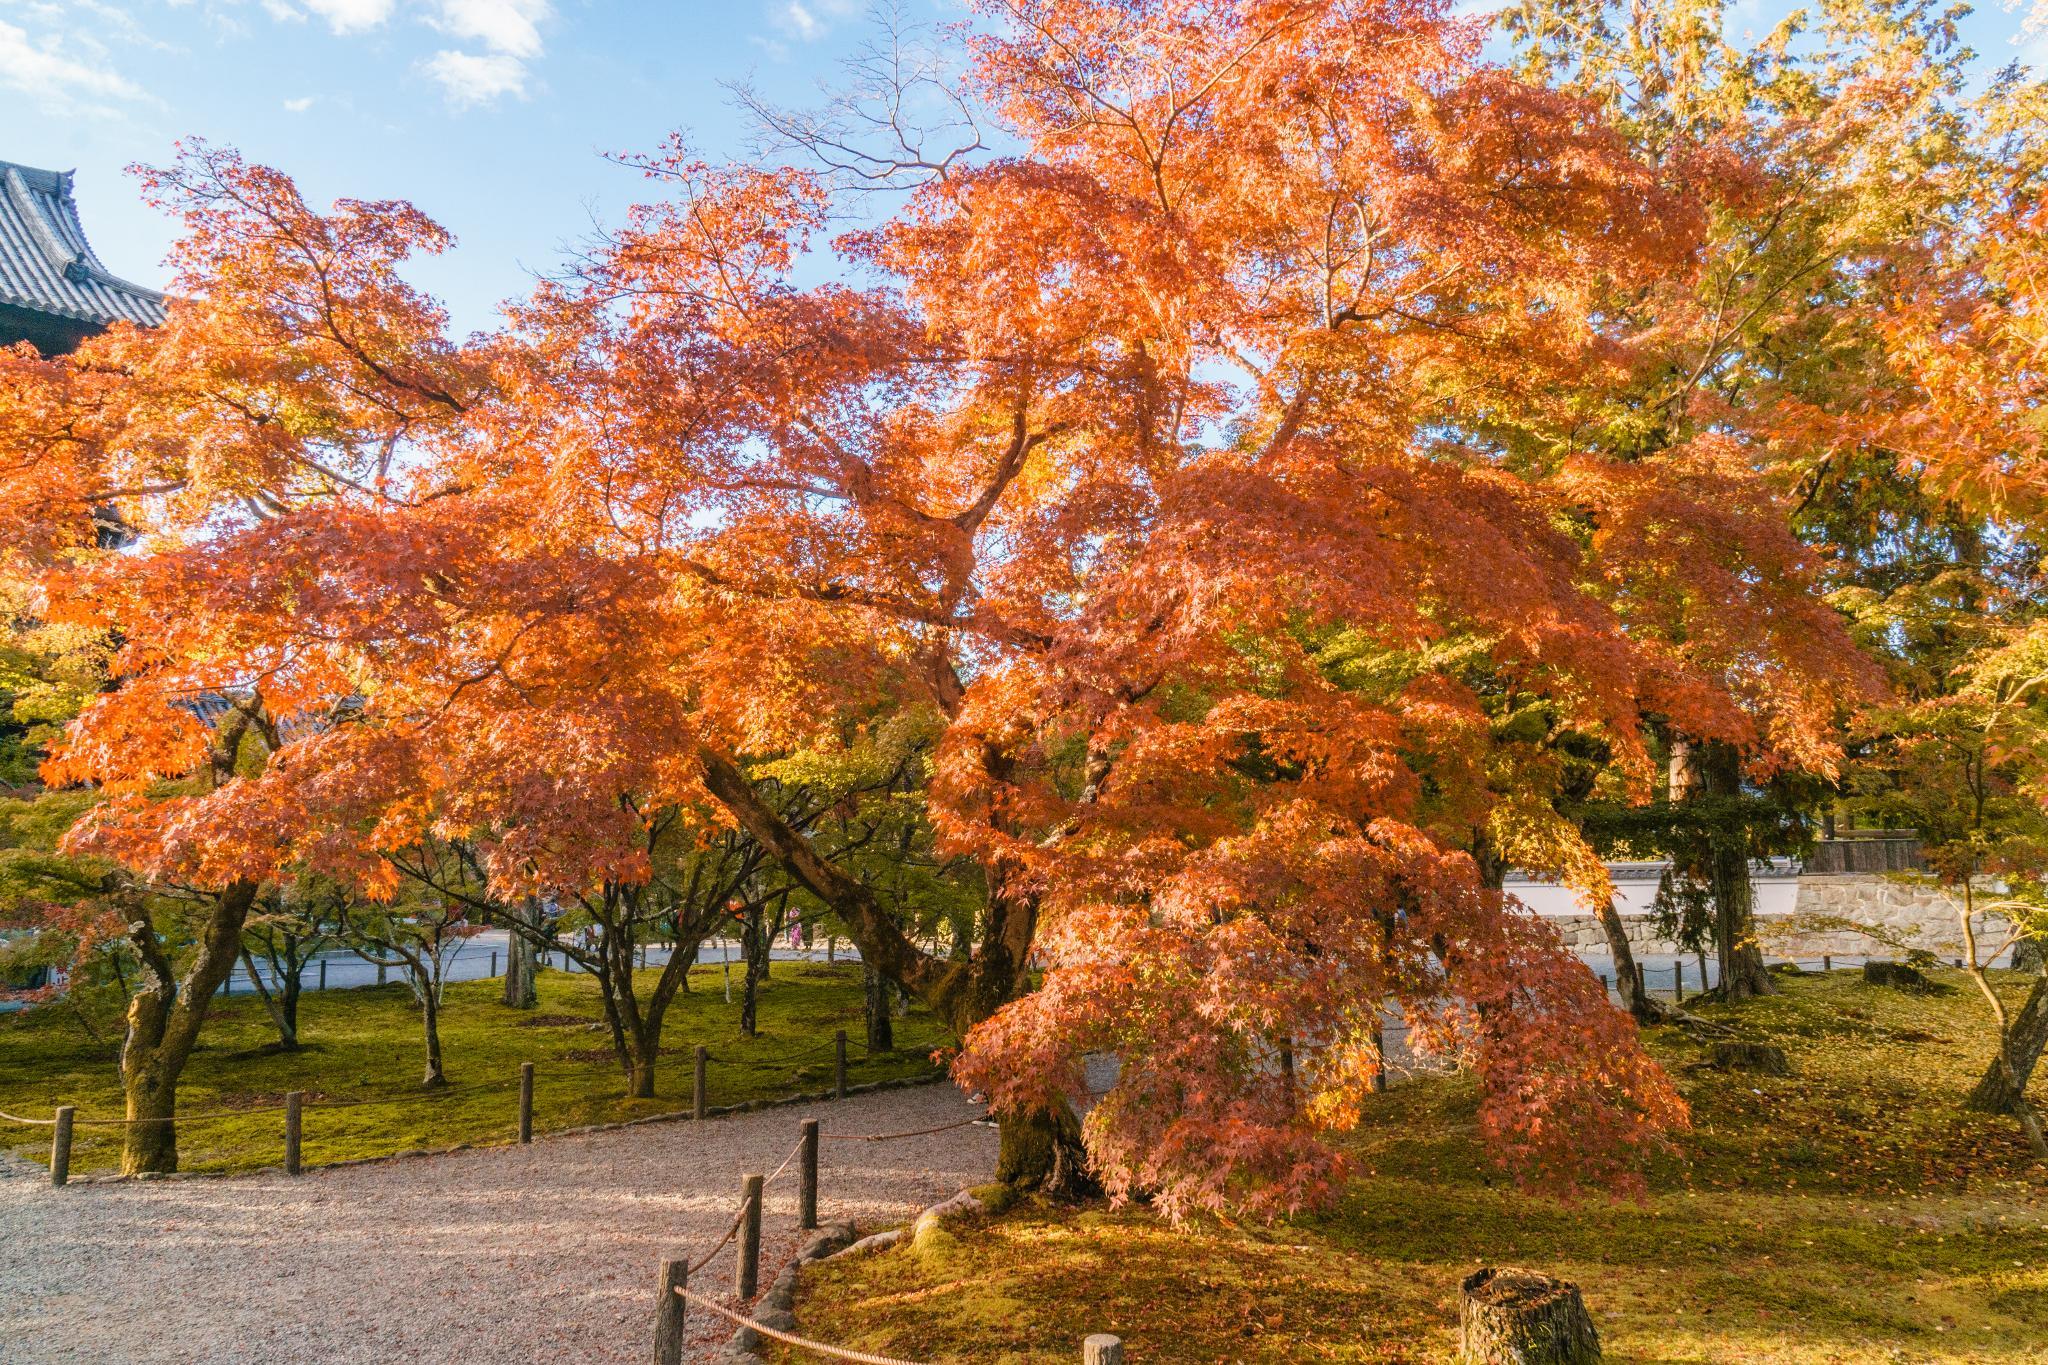 【京都】秋光葉影的古寺散策 - 南禪寺 88